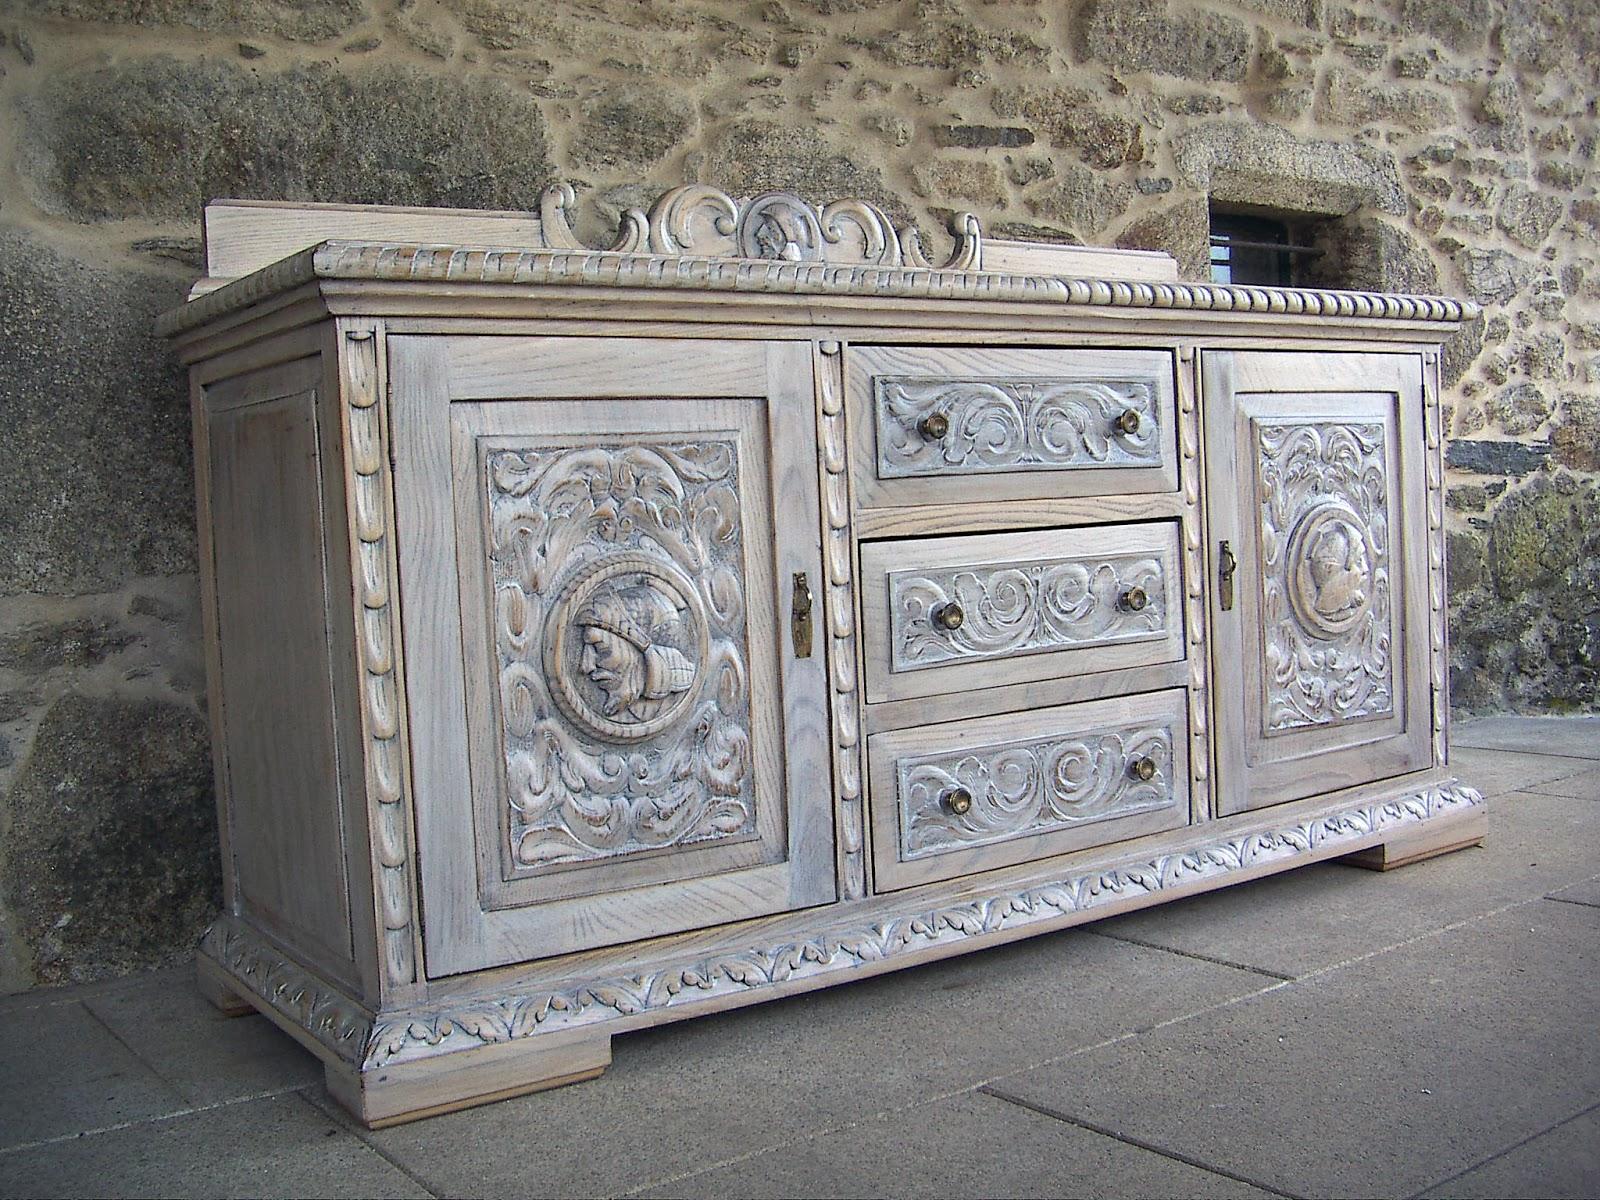 El rinc n de un aprendiz transformar un mueble cl sico en for Muebles estilo vintage online